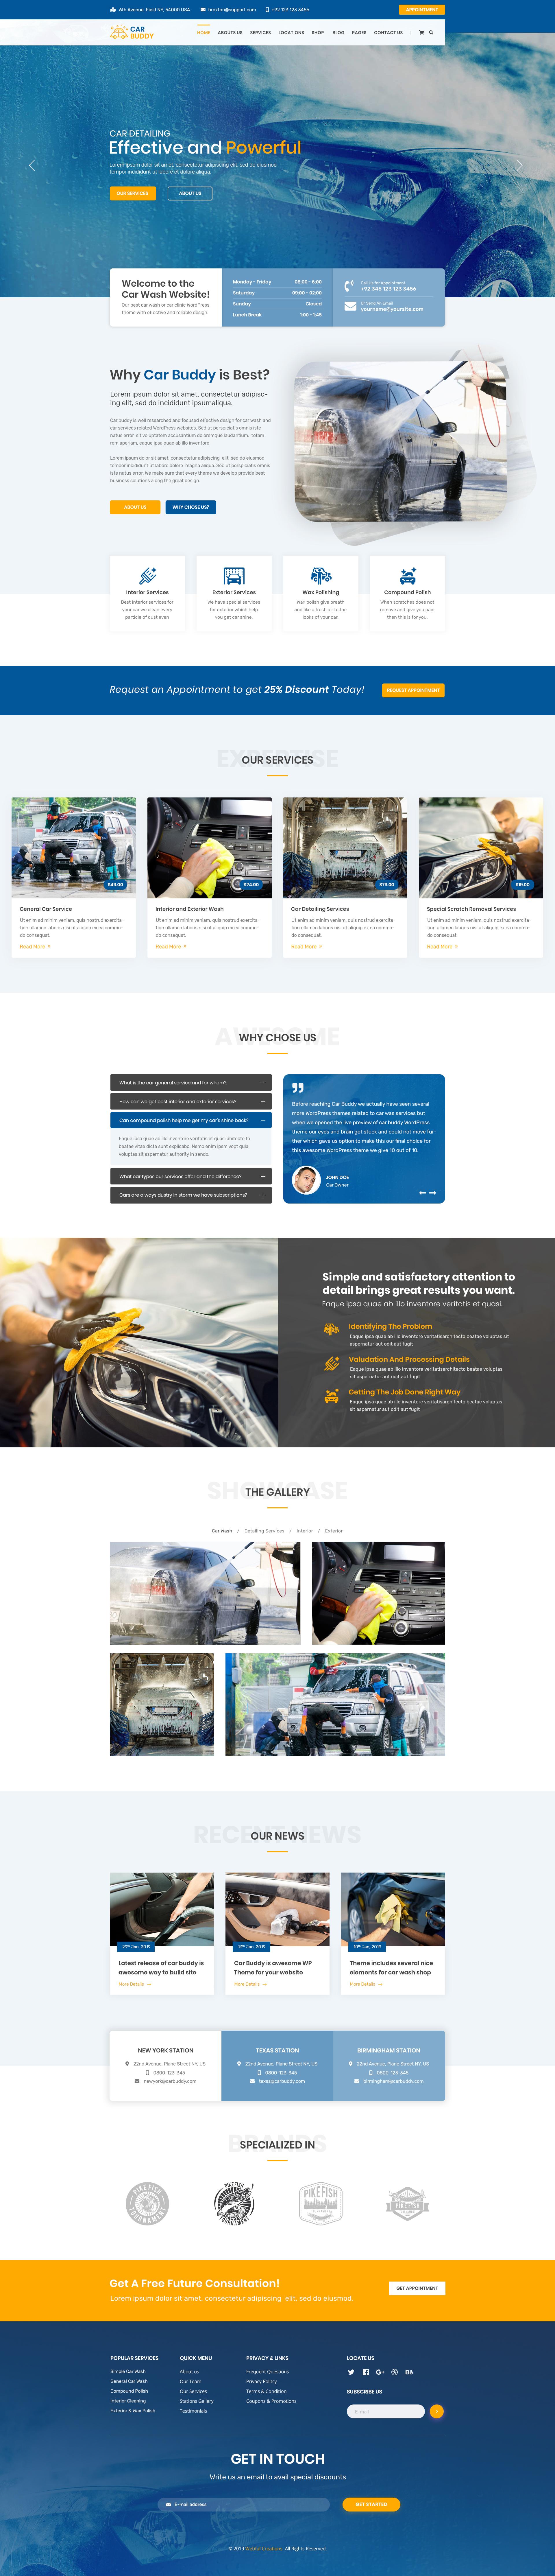 Car Wash PSD template